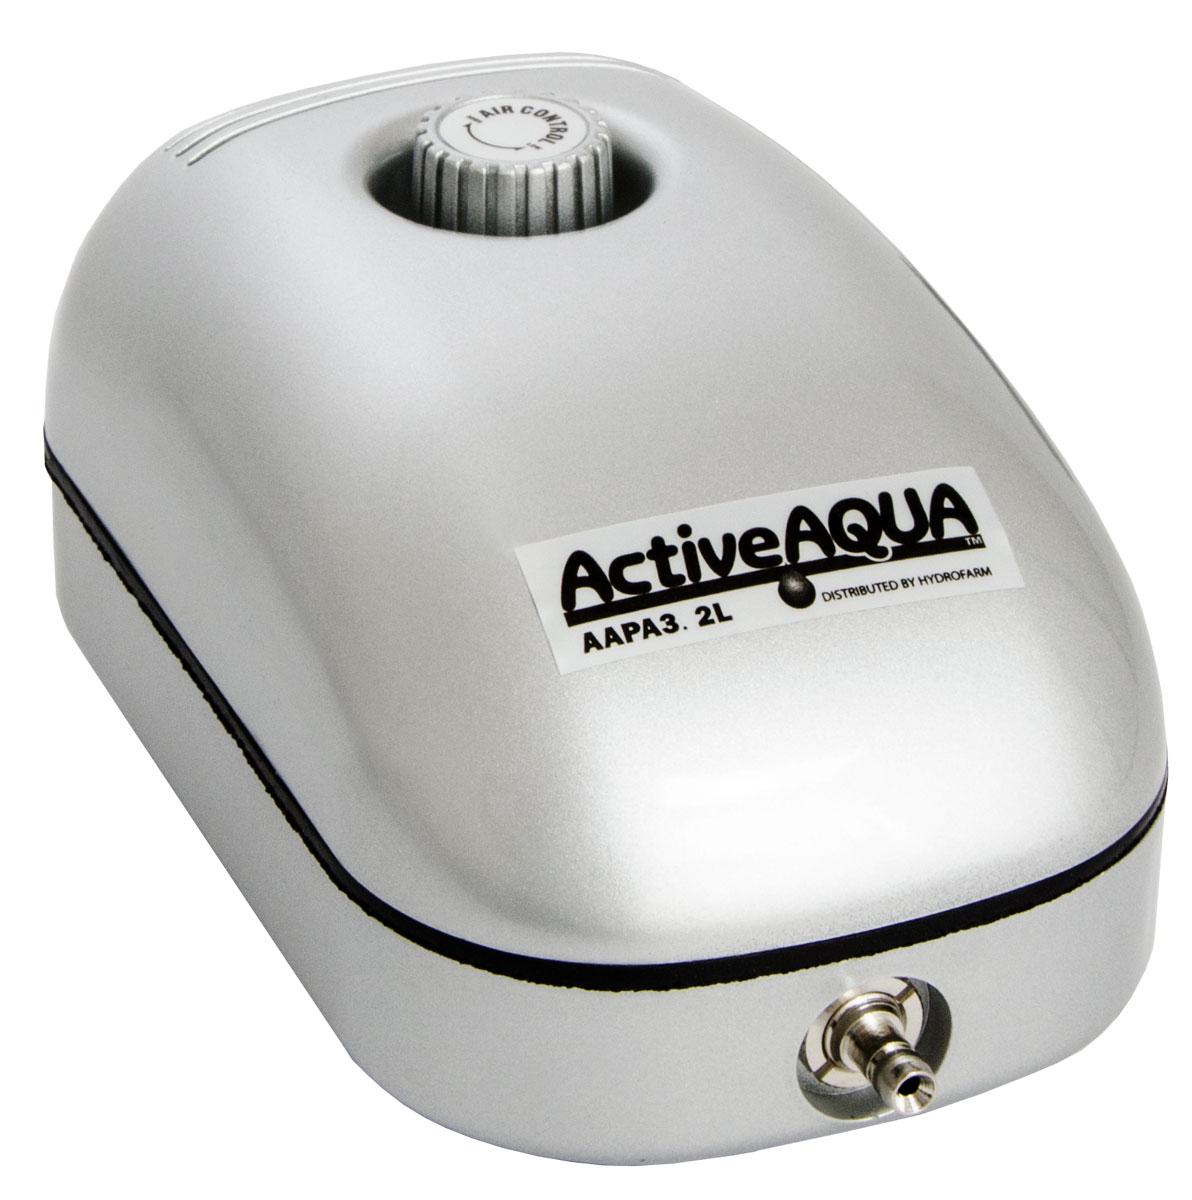 ACTIVEAQUA AIR PUMP AAPA3.2L